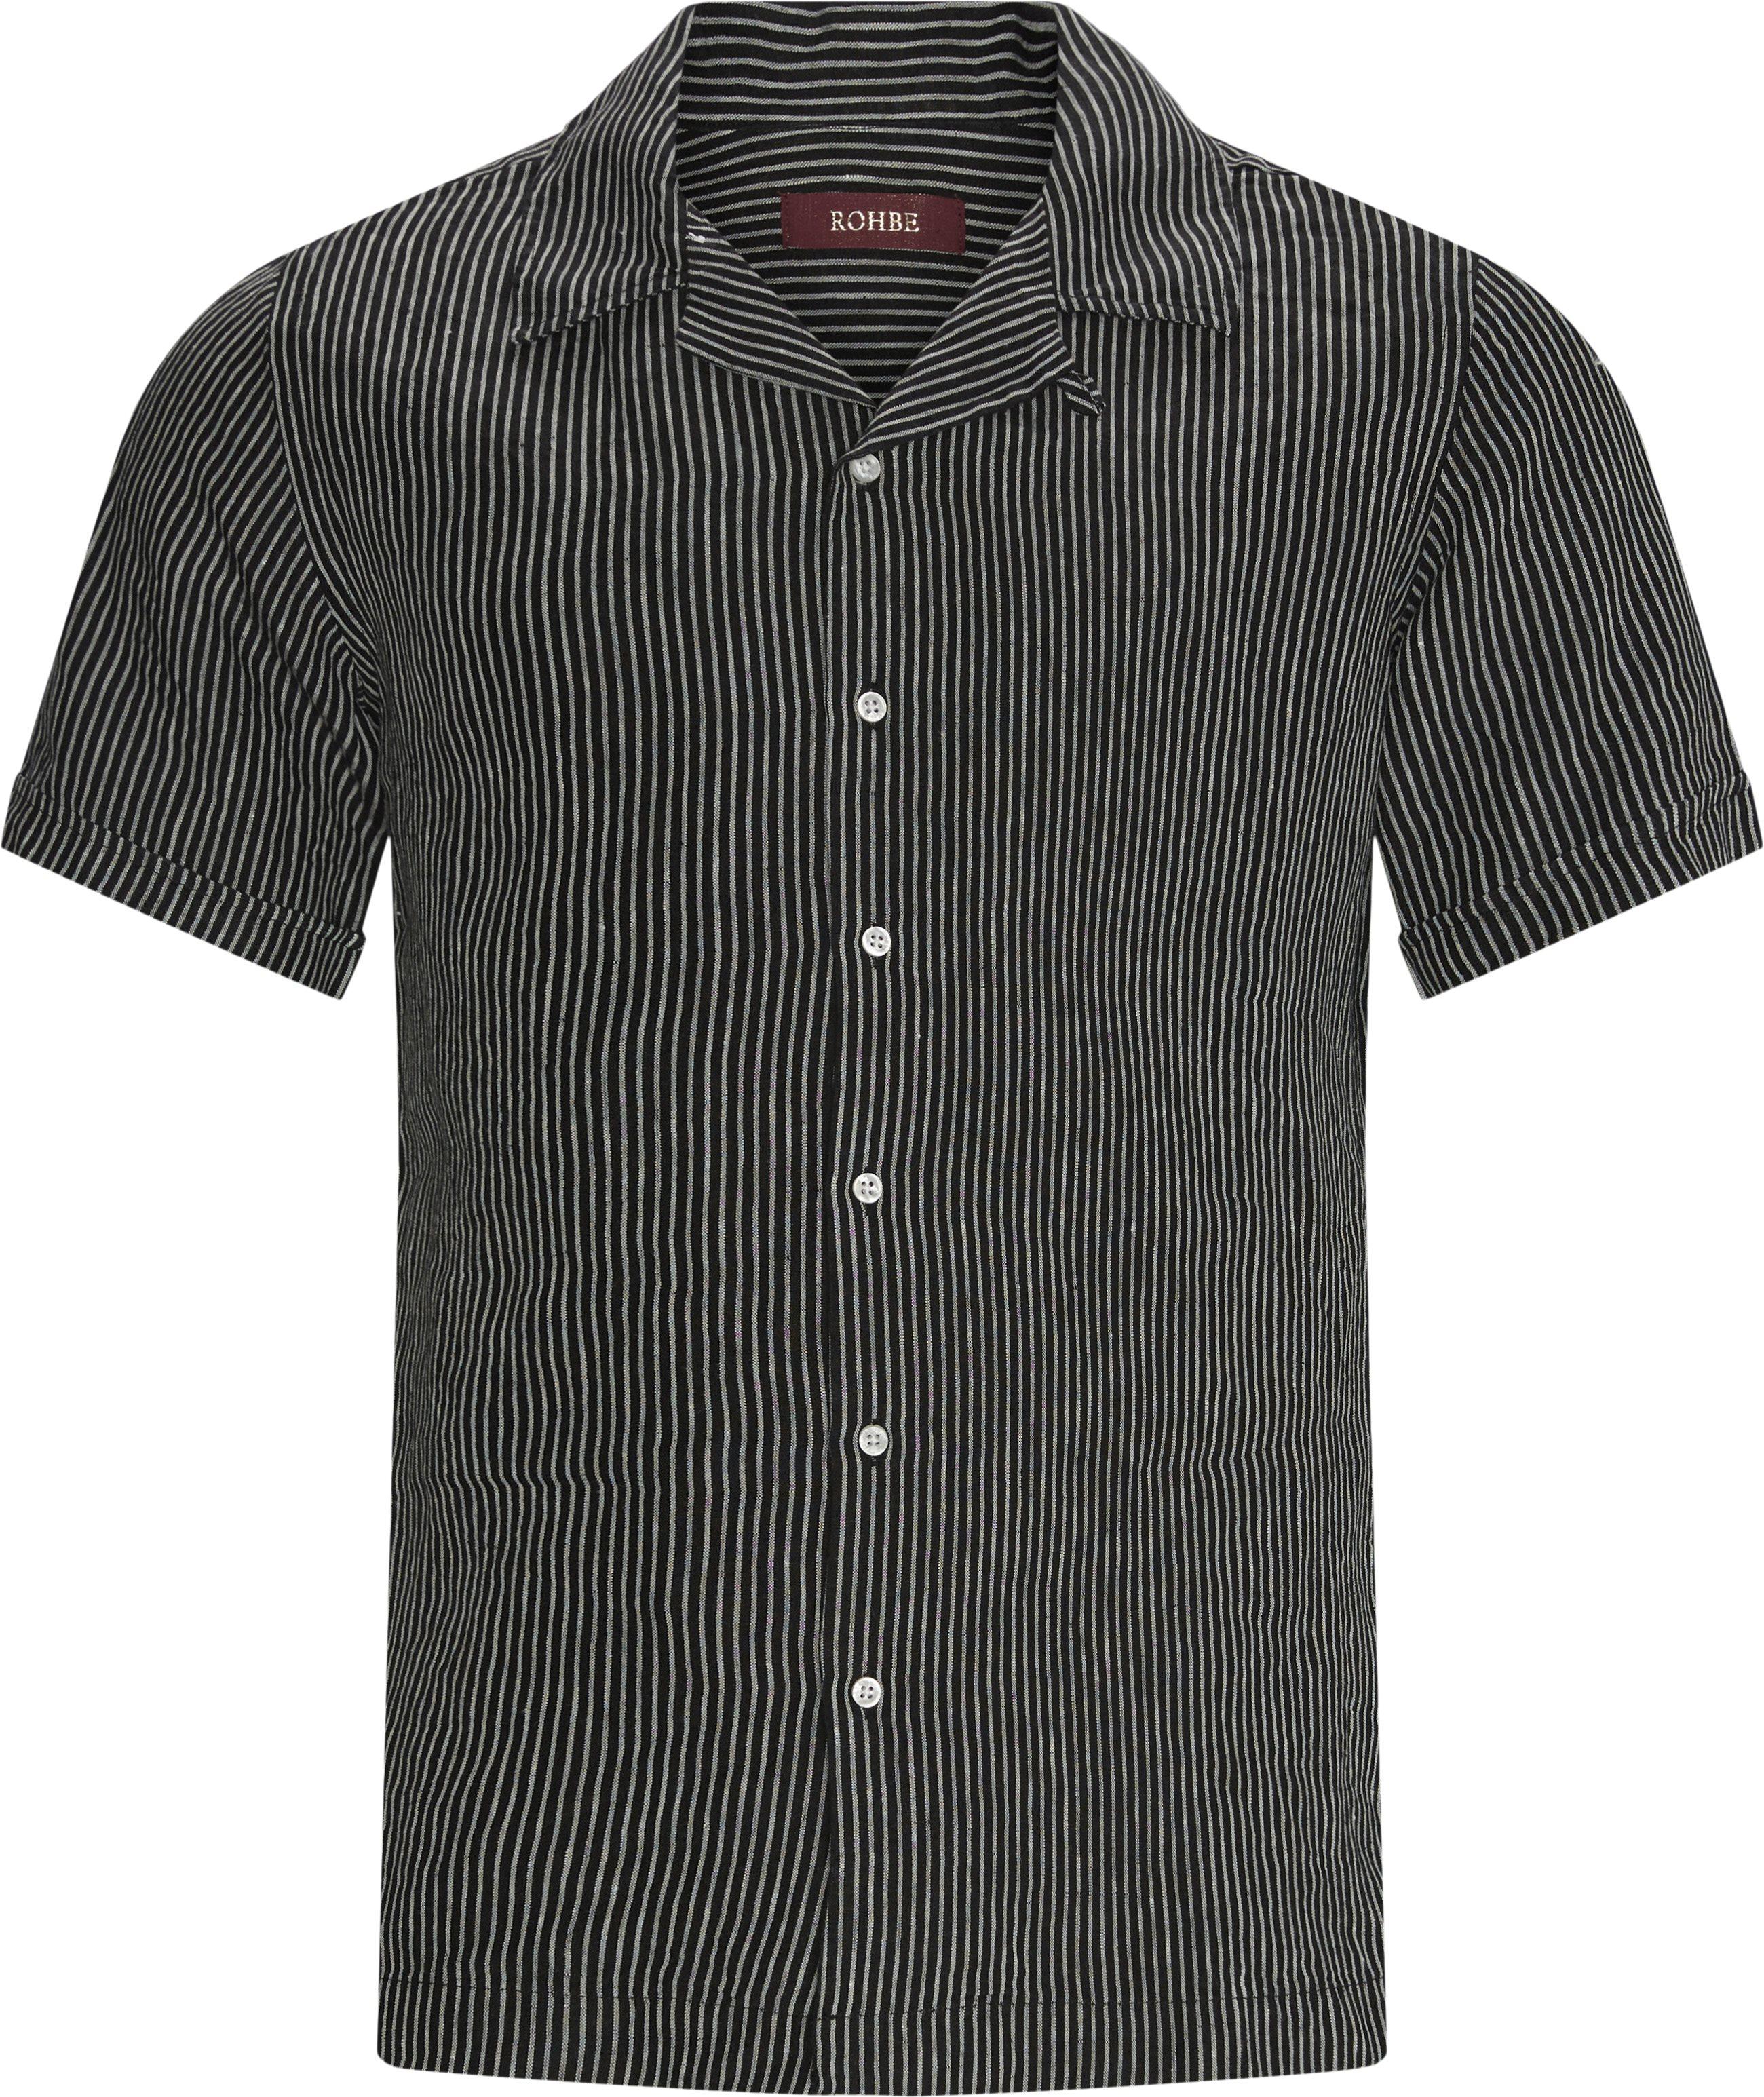 Hans SS Shirt - Kortærmede skjorter - Regular fit - Sort